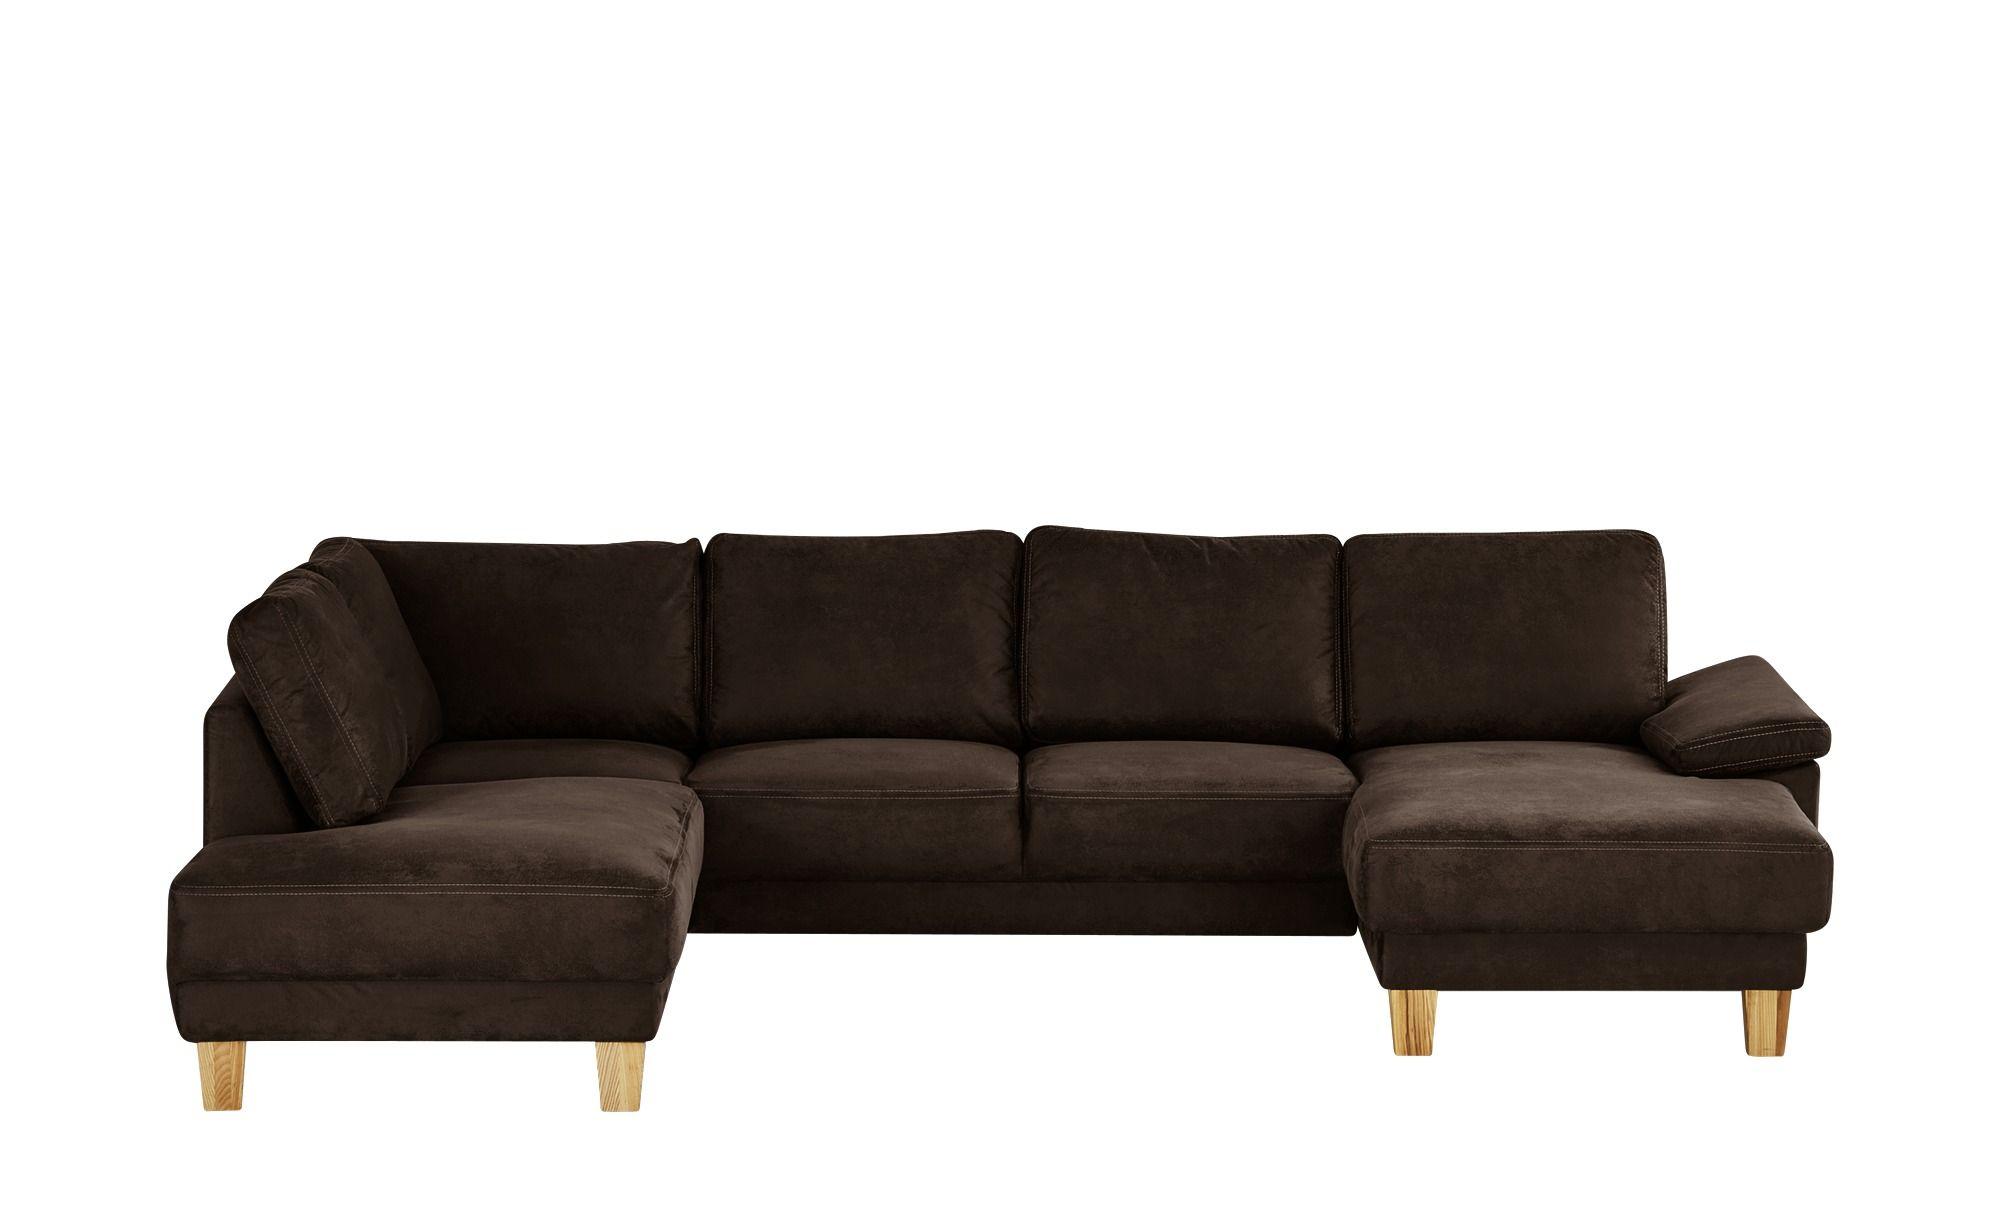 Smart Wohnlandschaft Atara Gefunden Bei Mobel Wohnen Sofa Mit Schlaffunktion Und Billige Couch